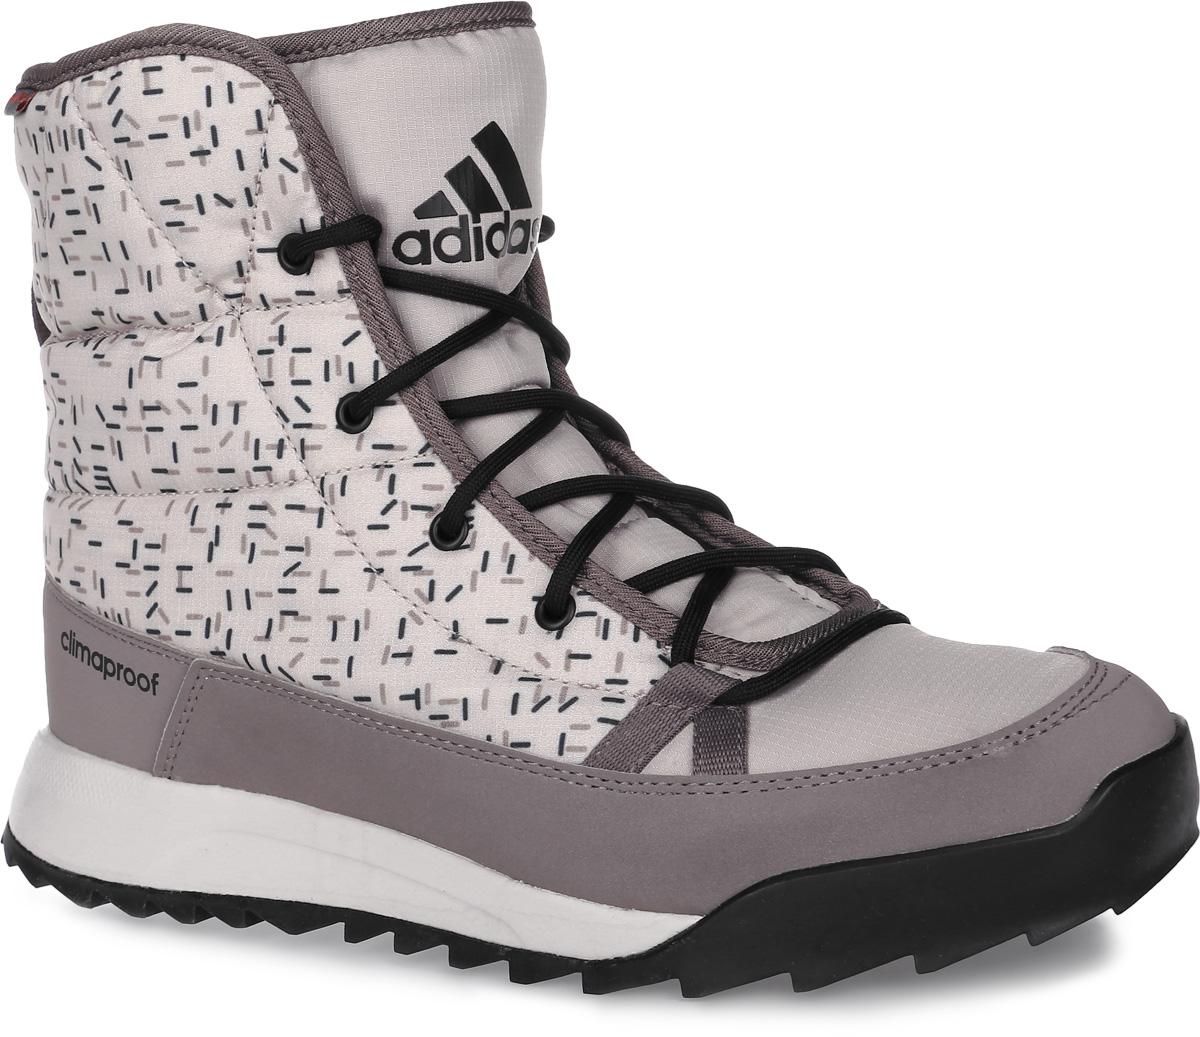 Ботинки женские adidas CW Choleah Padded C, цвет: серый. AQ2025. Размер 7,5 (40)AQ2025Женские туристические ботинки CW Choleah Padded C от adidas, выполненные из водонепроницаемого материала Climaproof с утеплителем PrimaLoft сохранят ваши ноги в тепле и сухости на заснеженных тропах и холодных улицах. Высокотехнологичный синтетический наполнитель PrimaLoft продолжает греть даже во влажном состоянии. Текстильный верх с геометрическим принтом и дизайн адаптирован под особенности женской стопы. Модель дополнена вставками из синтетических материалов для износостойкости.Резиновая подошва Traxion с глубоким протектором для оптимального сцепления сохраняет свои свойства в течение долгого времени.